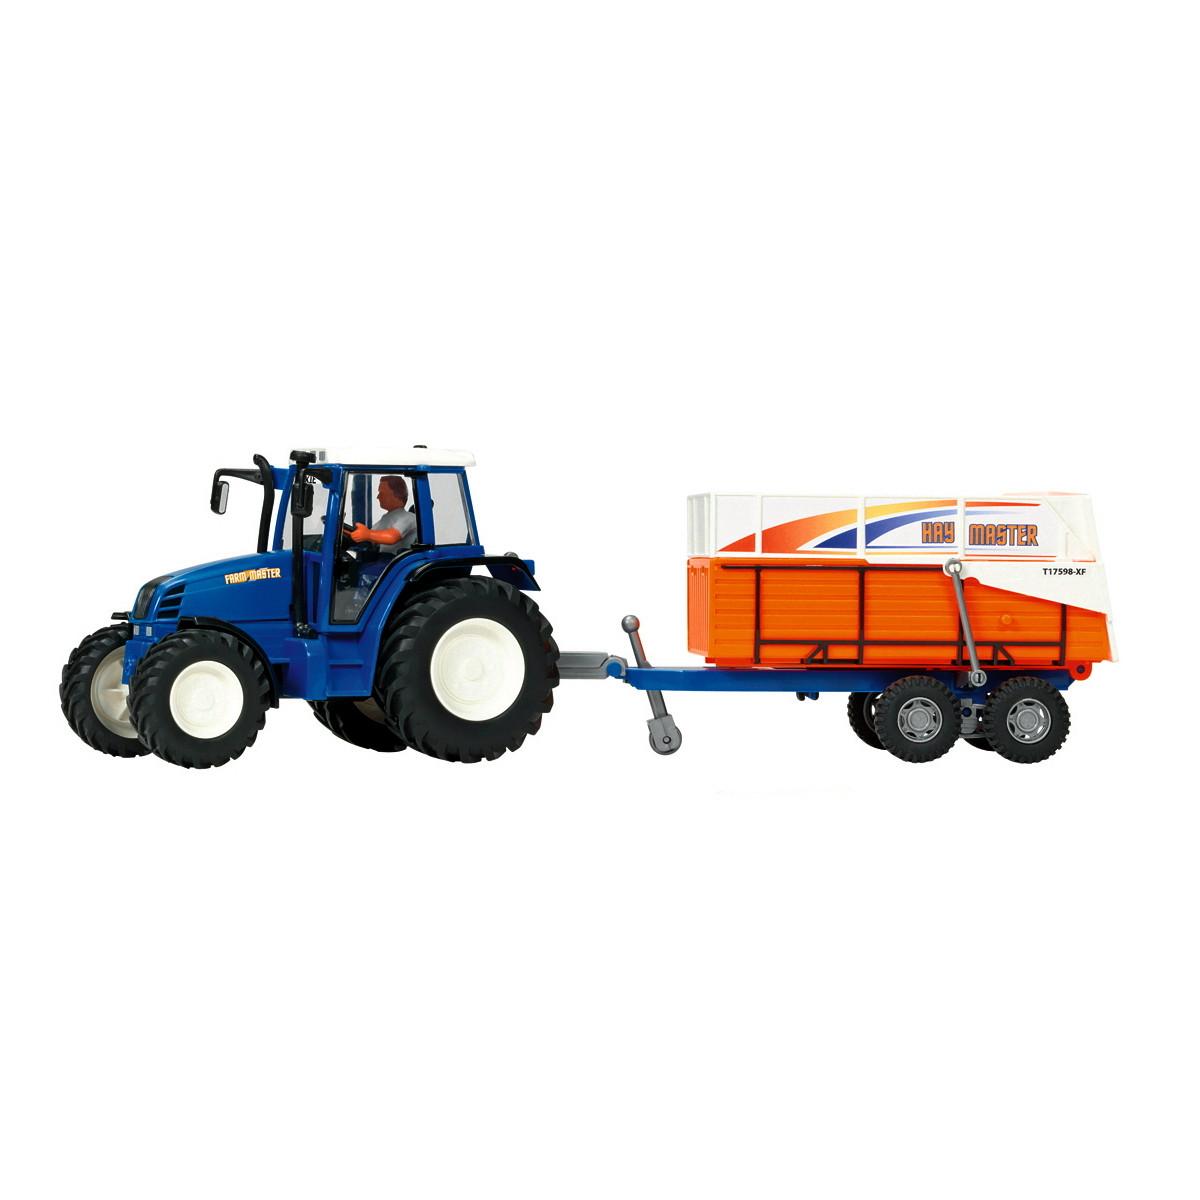 Трактор с прицепом, 42 см (синий с прицепом для транспортировки животных) «Dickie Toys» (3474601)